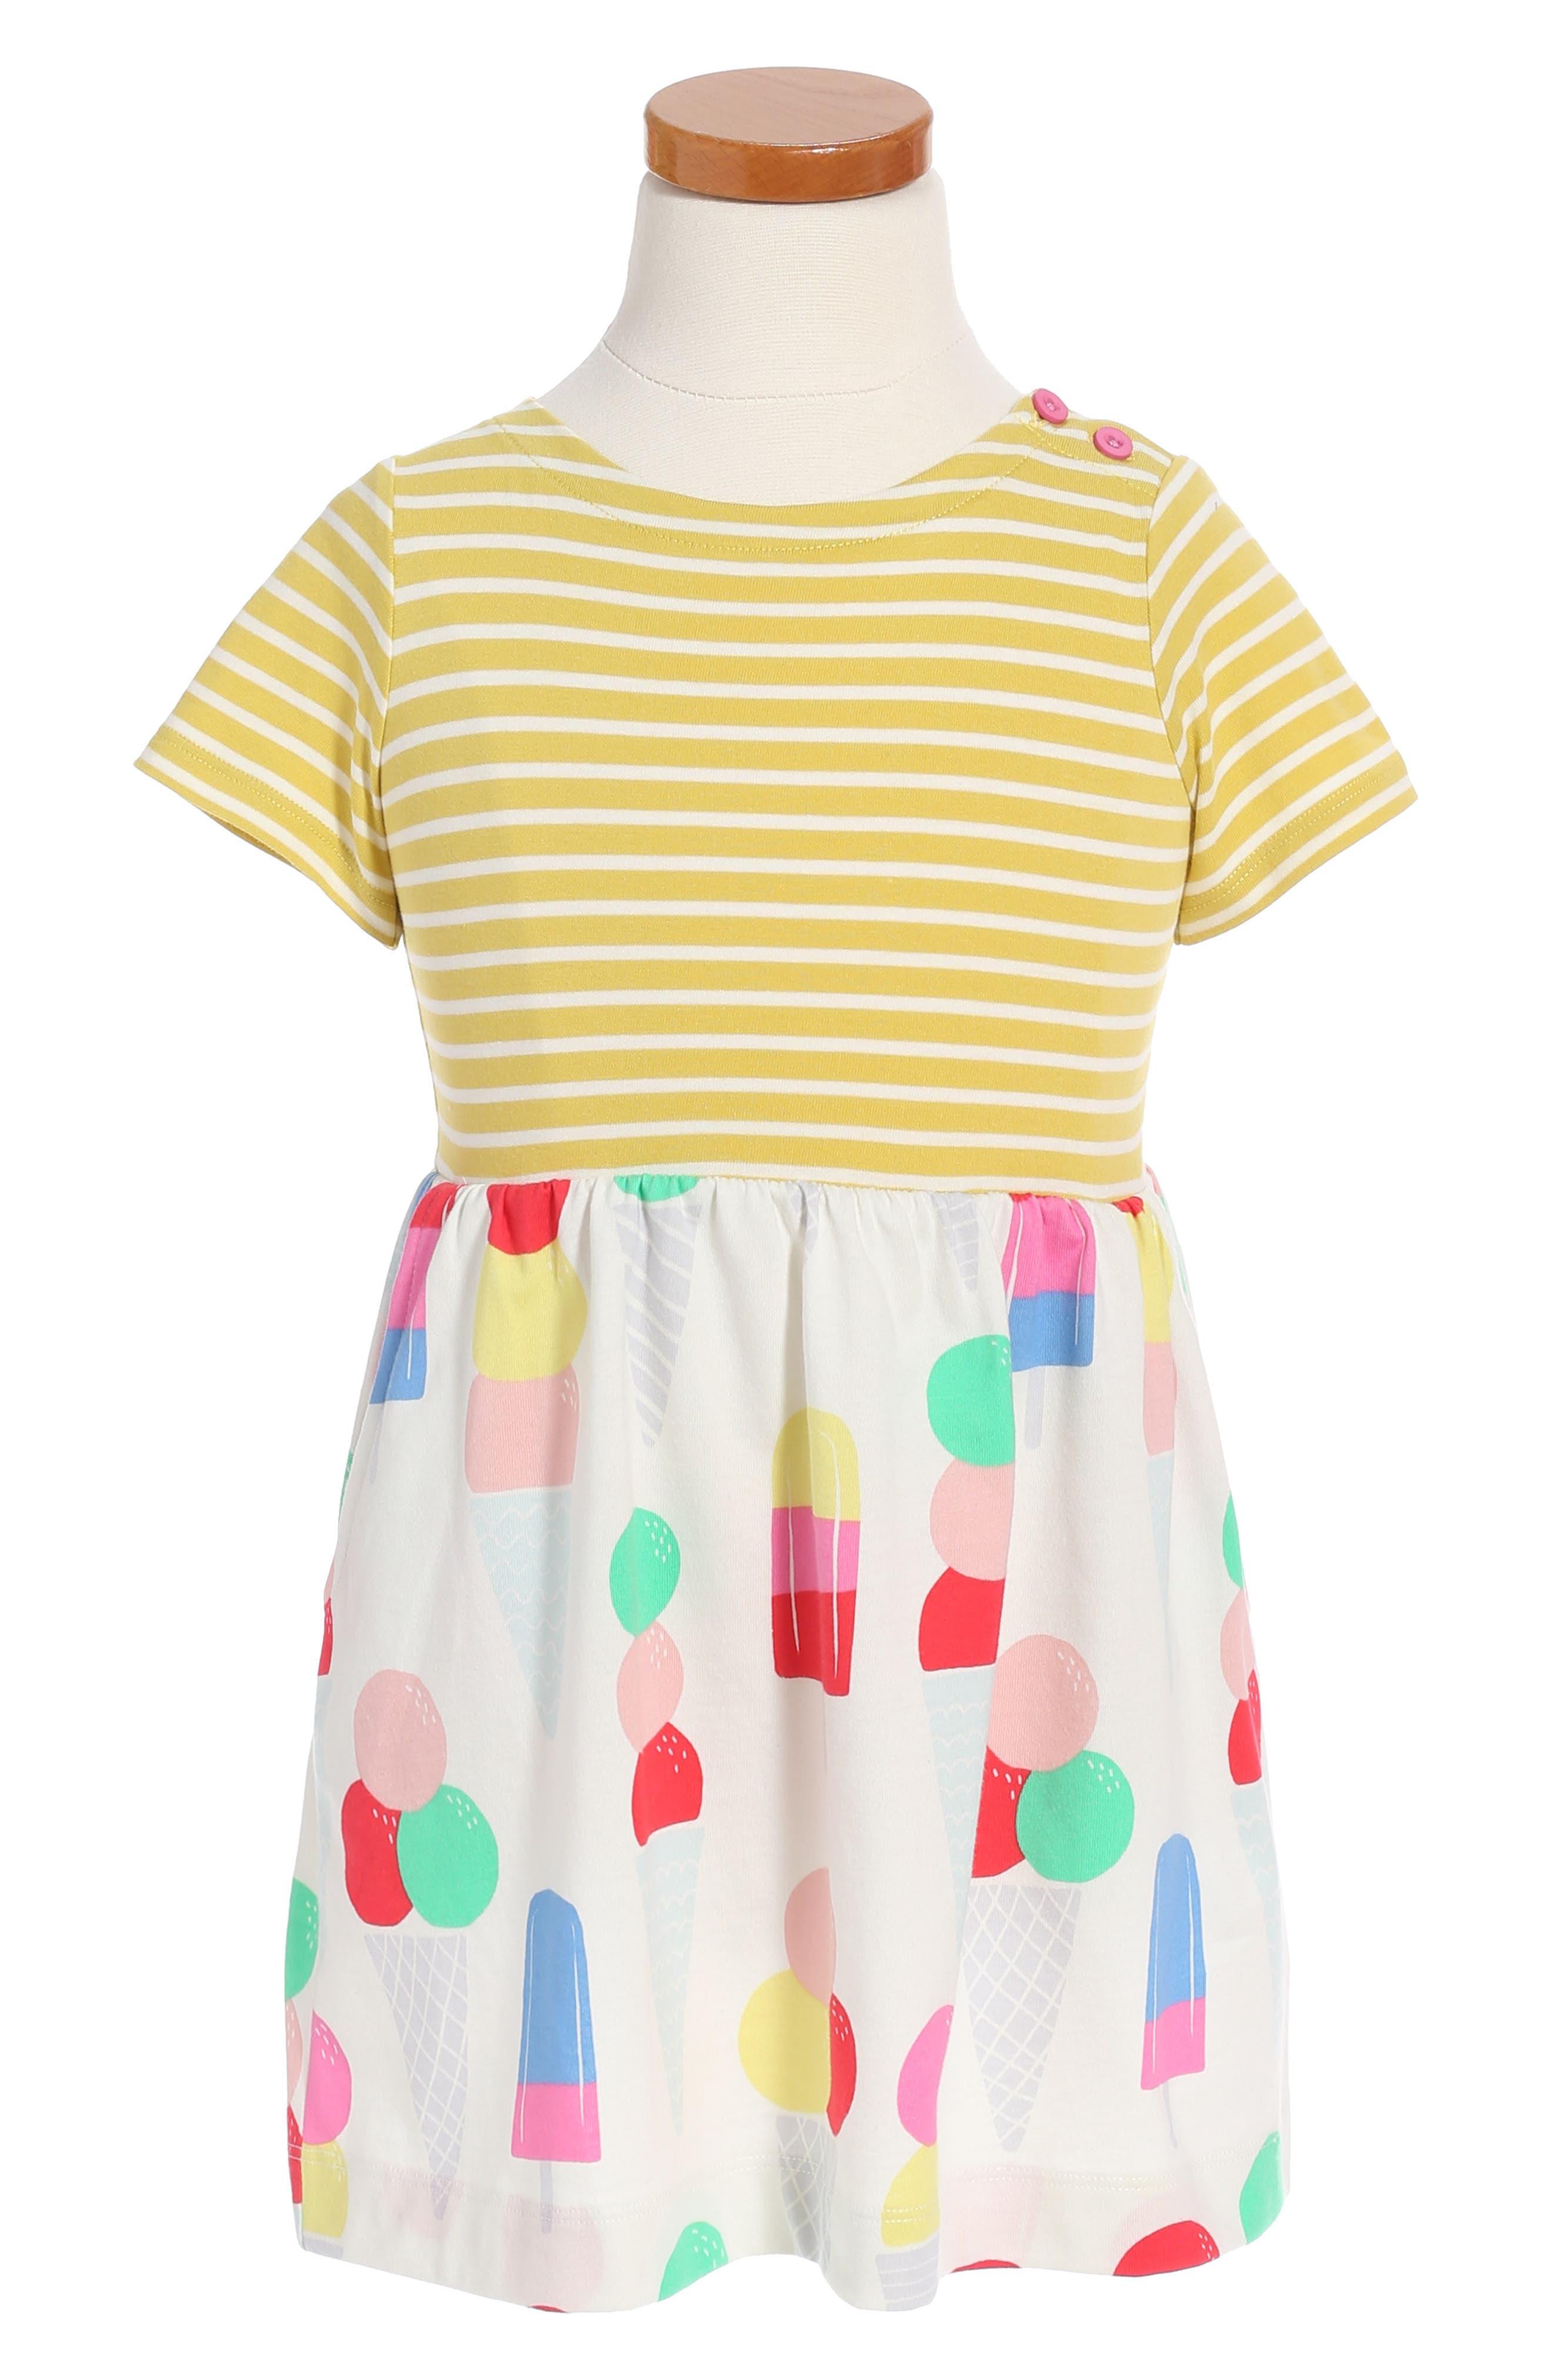 Mixed Print Dress,                             Main thumbnail 1, color,                             706